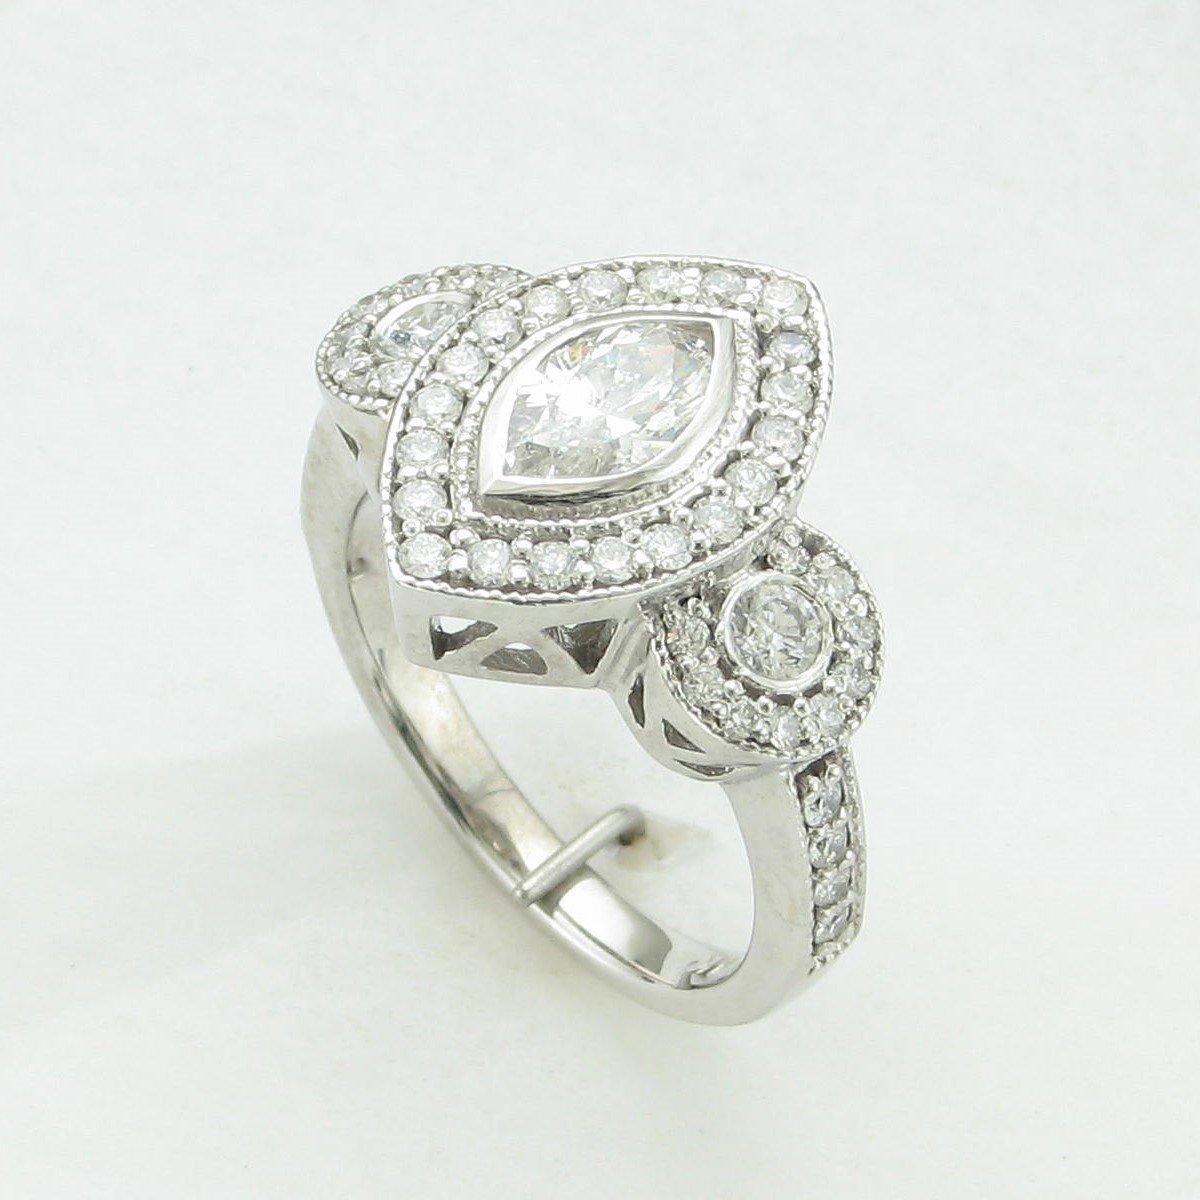 0.58ct Marquise Diamond Ring Set in 14 Karat White Gold